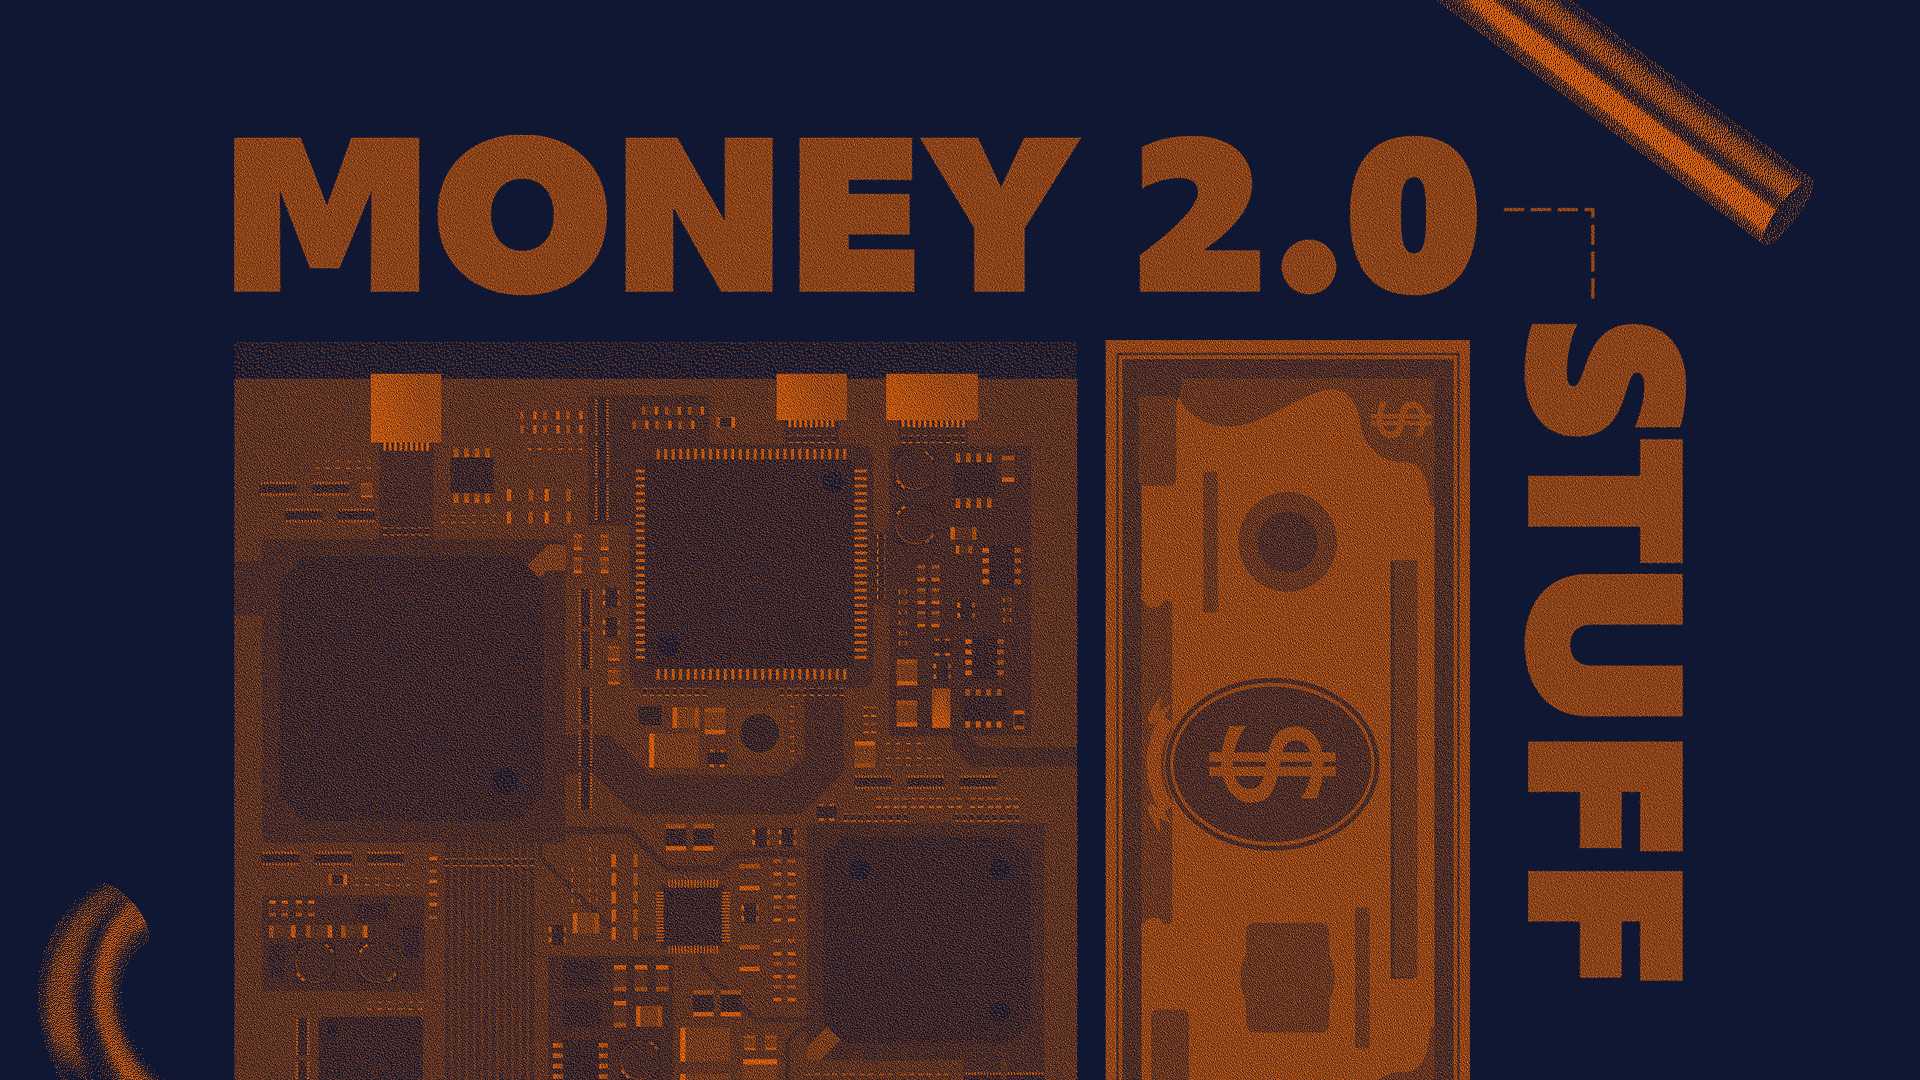 Money 2.0 Stuff: Bailouts…on the blockchain